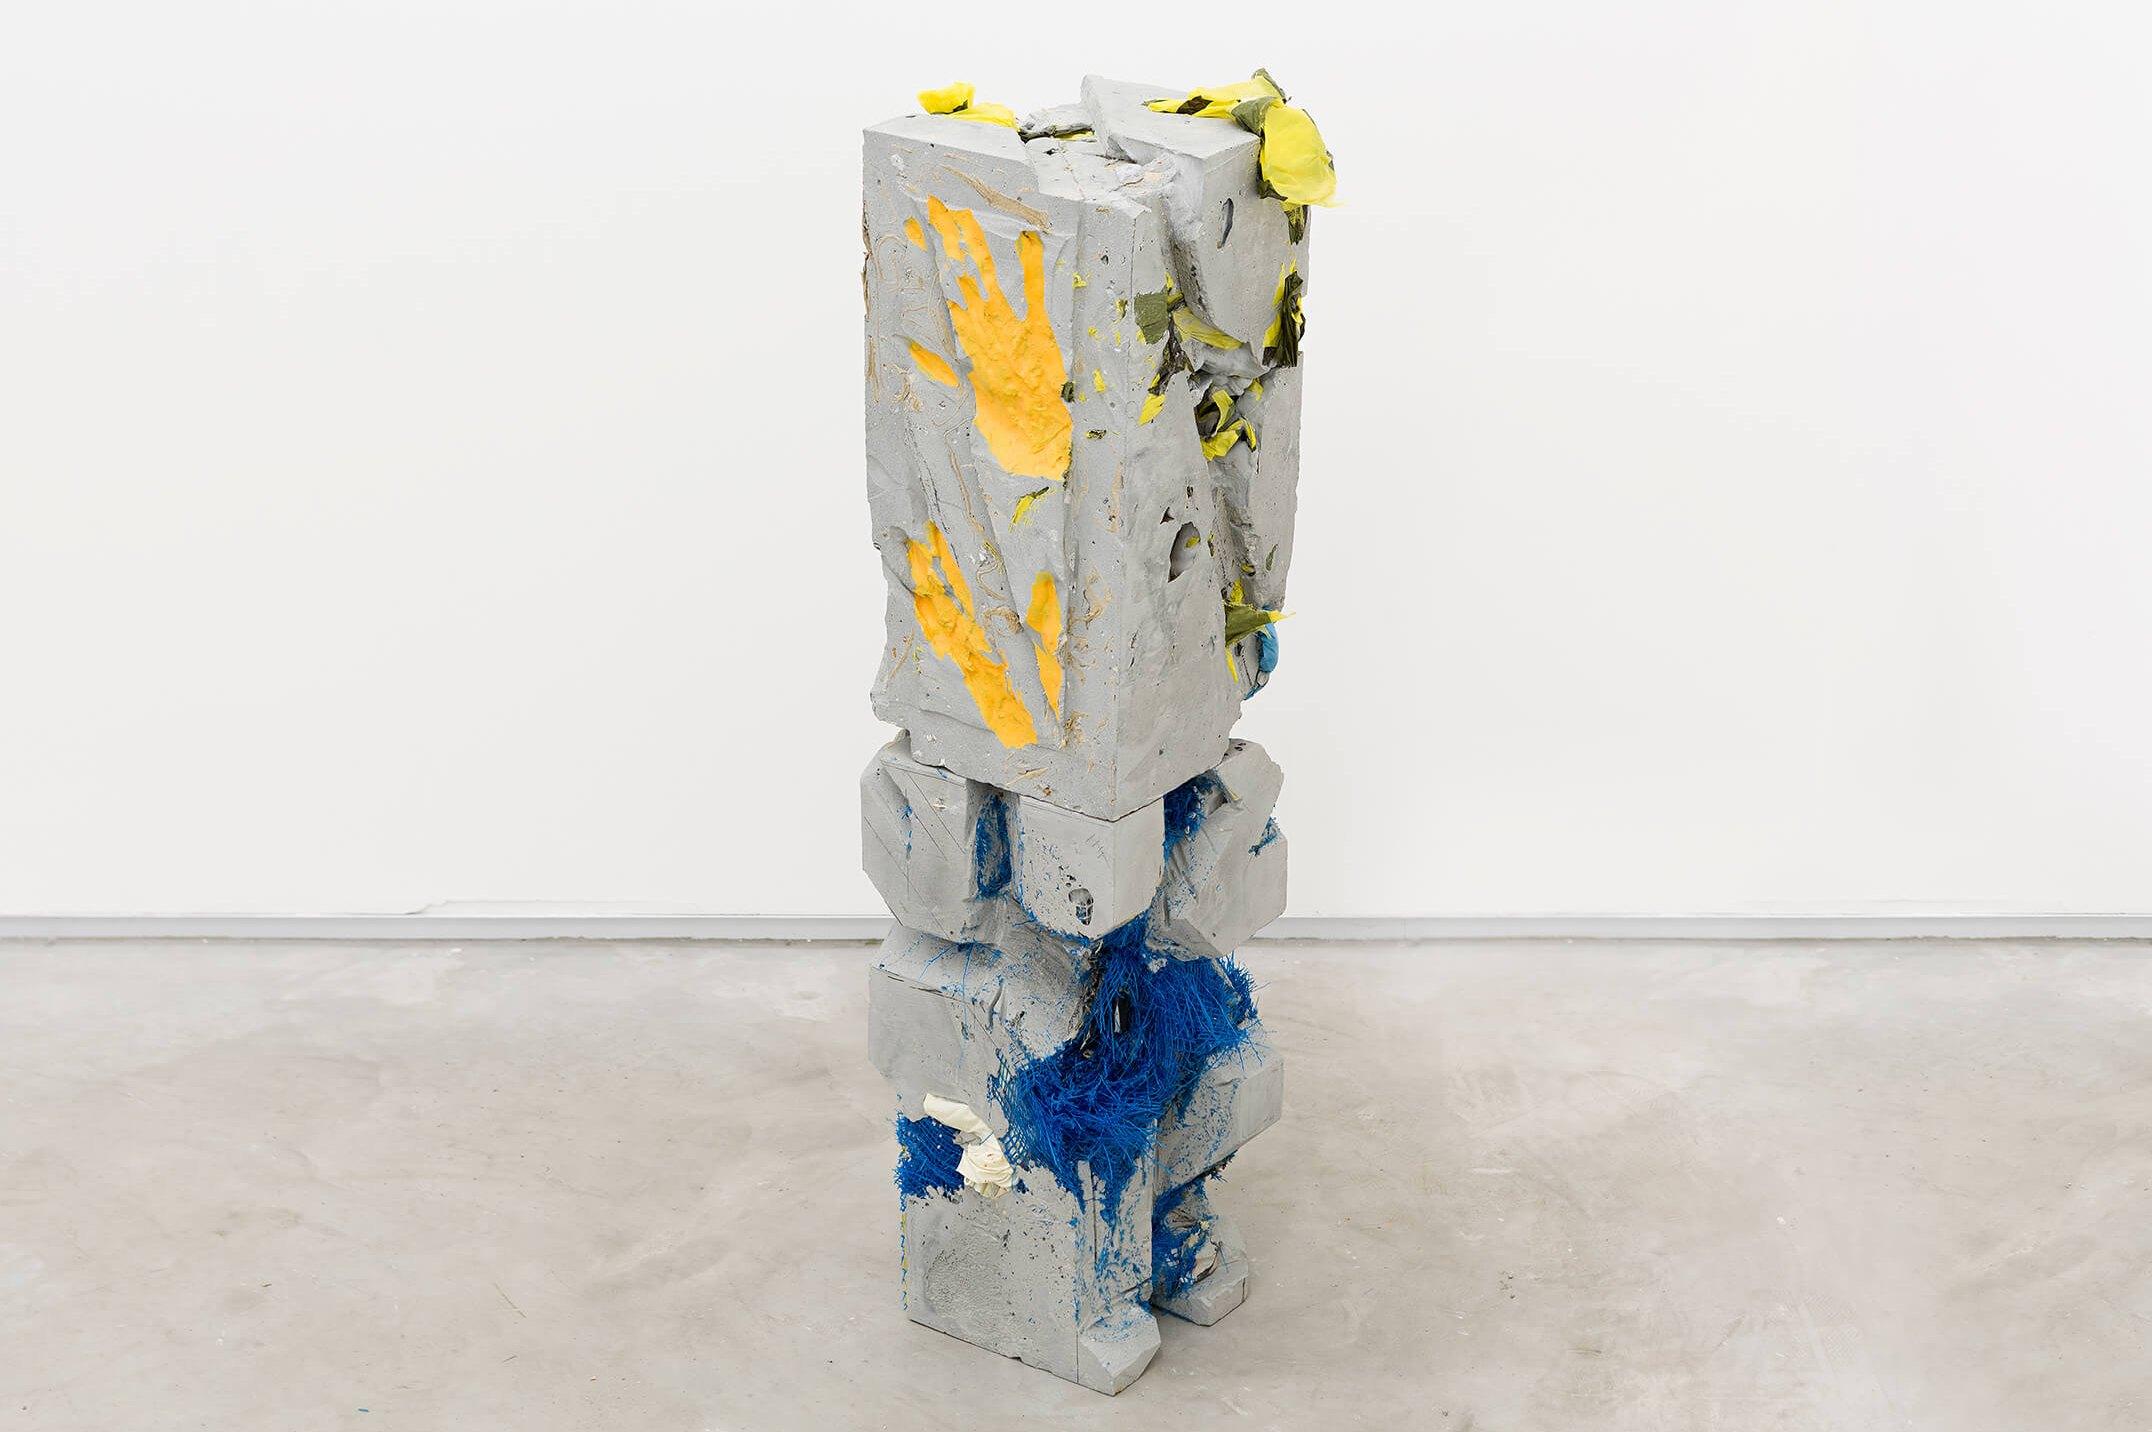 Allyson Vieira, <em>Block 4, Block 8</em>, 2015, concrete, <em>Worker</em> scraps, concrete blocks, 78 × 20 × 20 cm - Mendes Wood DM